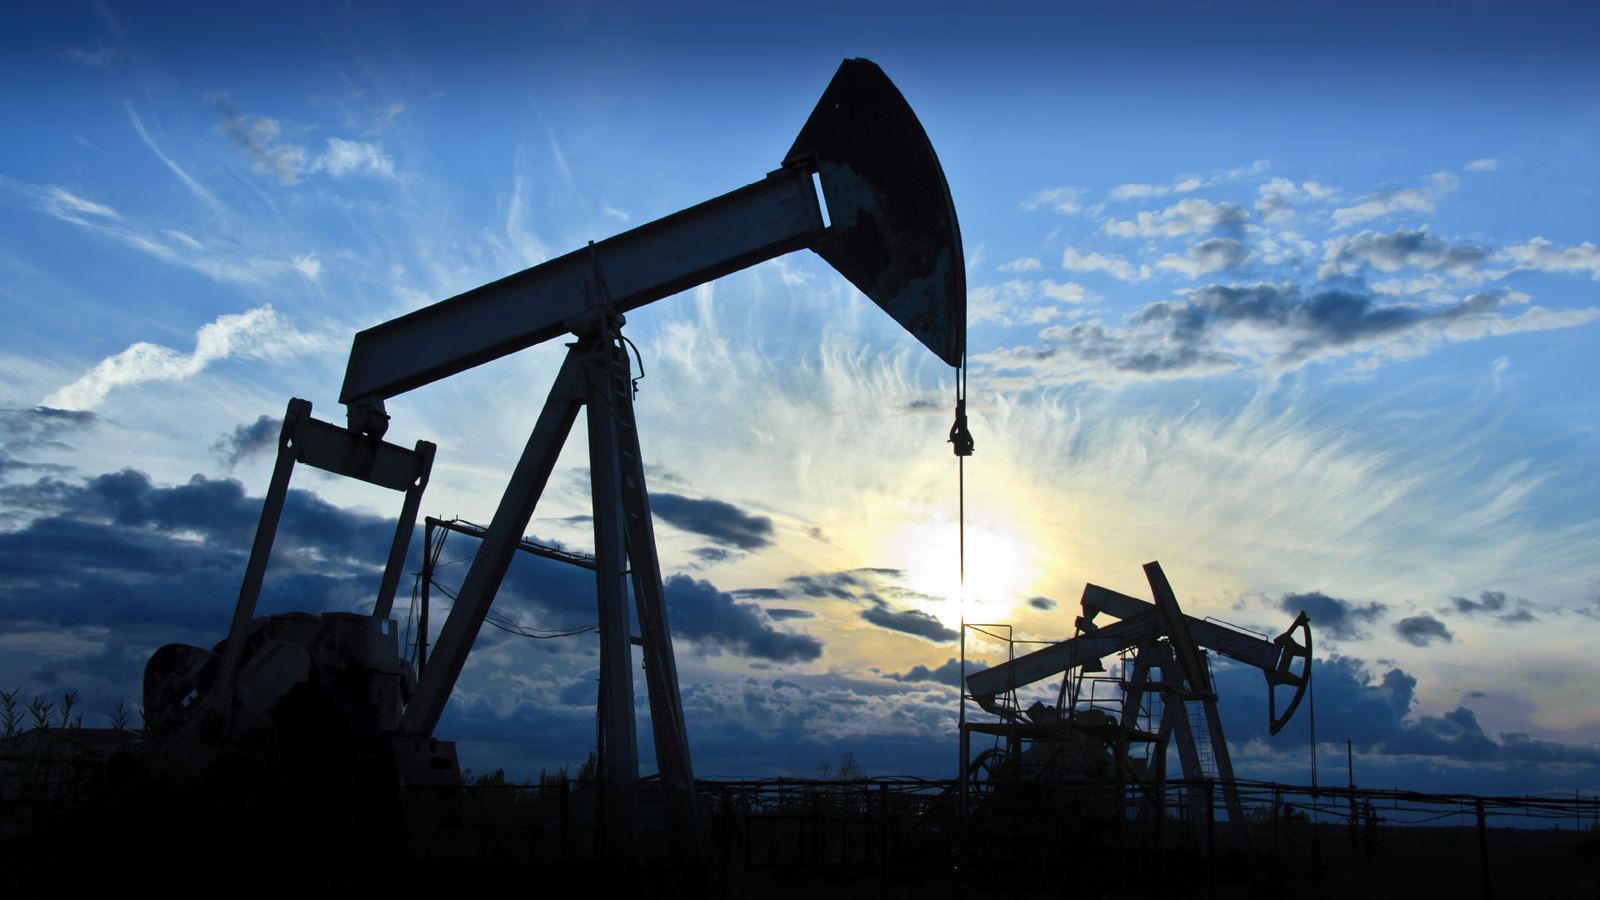 Газрын тосны үнэ сүүлийн 17 жилийн хамгийн доод хэмжээнд хүрлээ